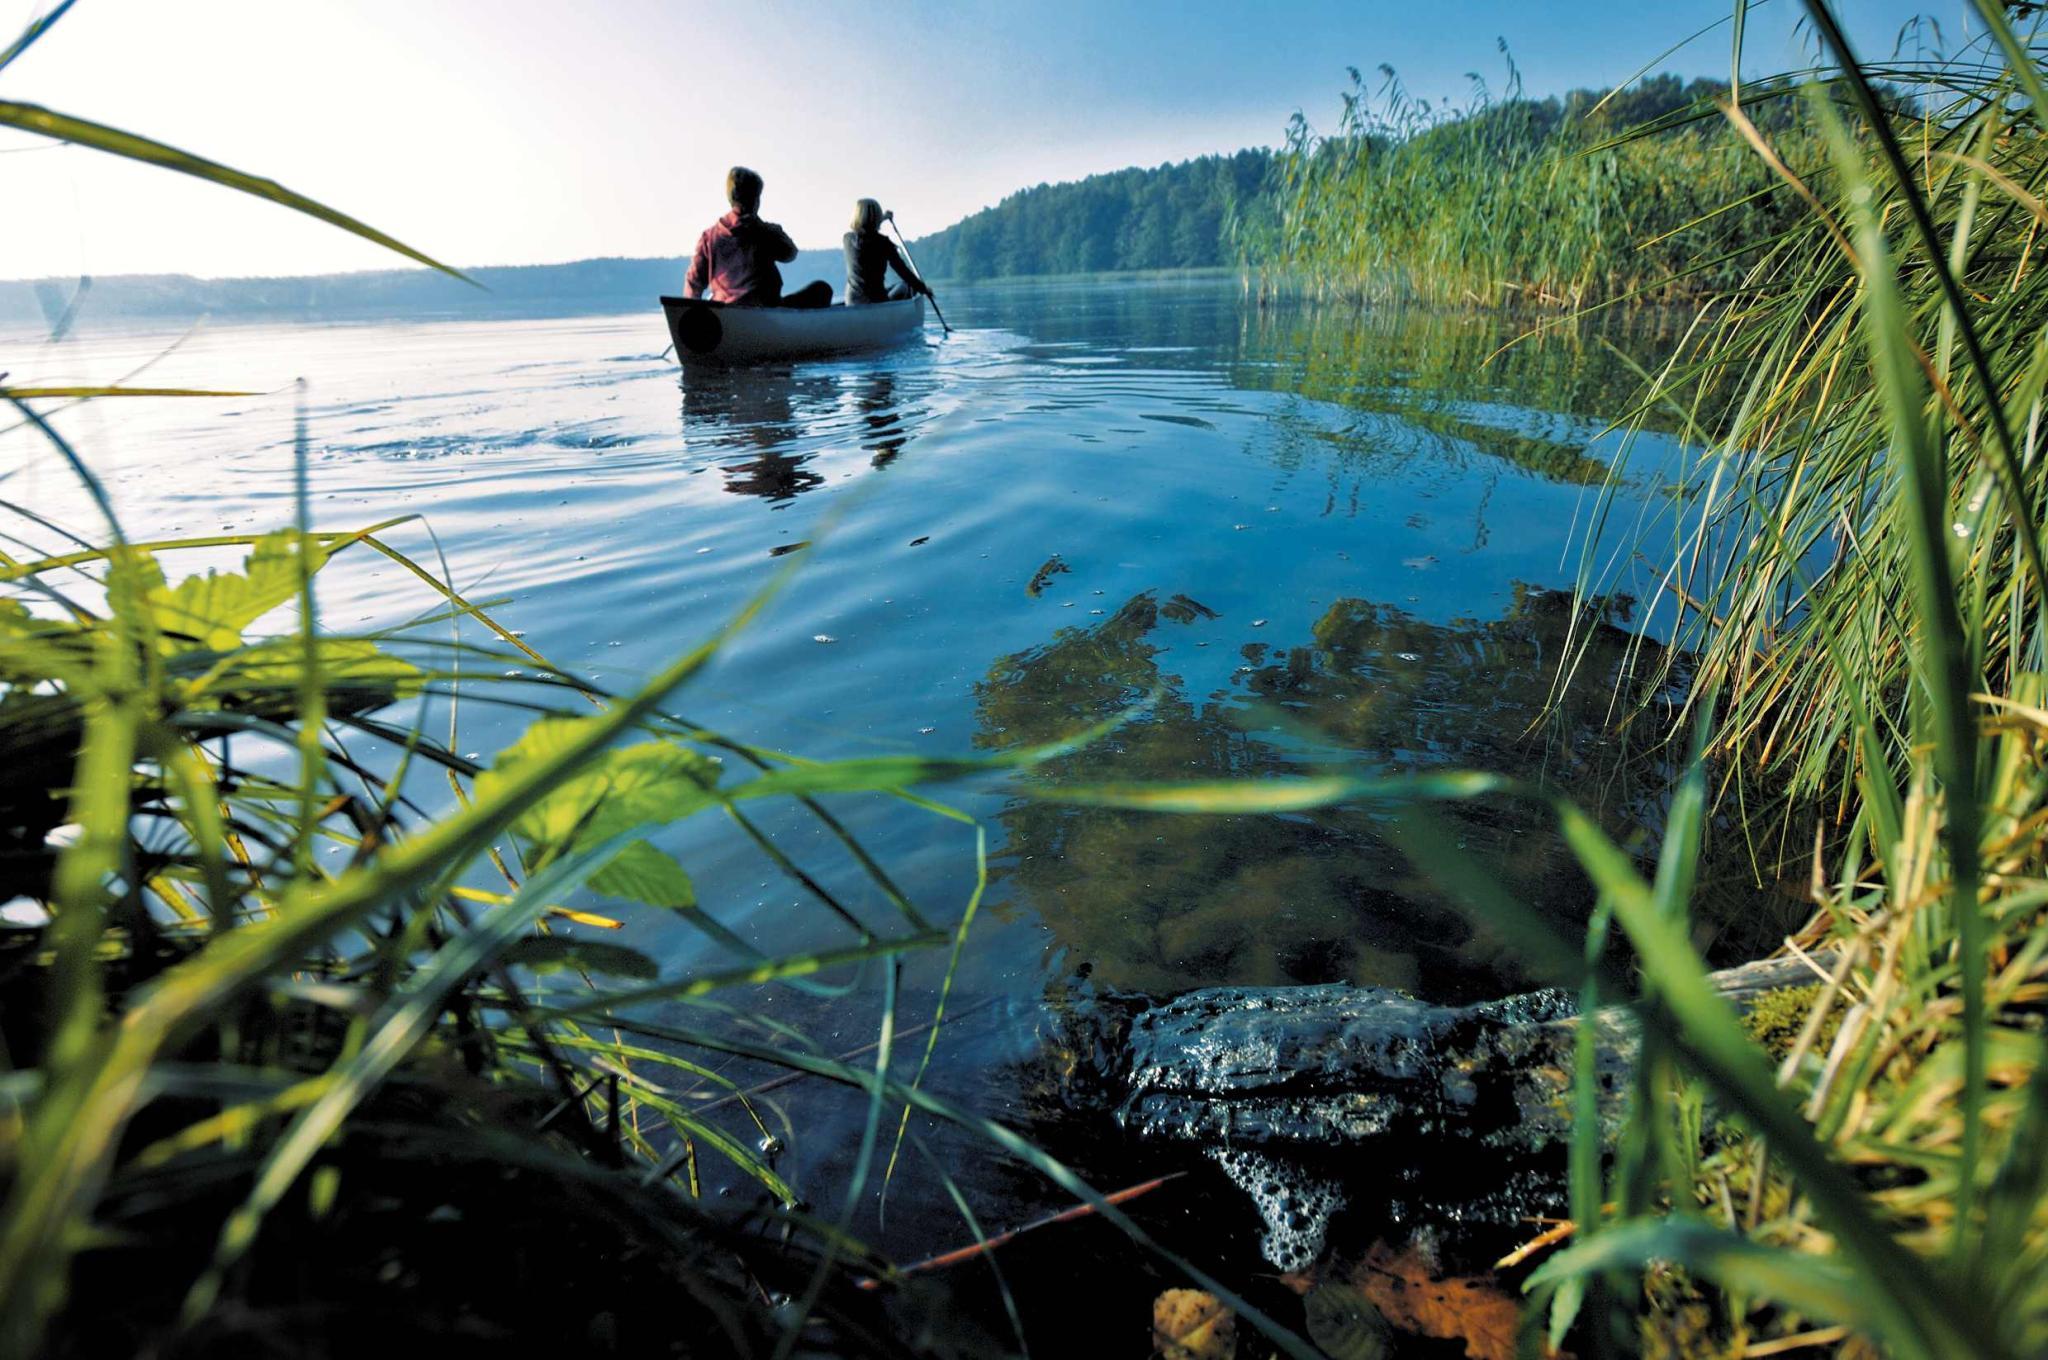 Obere-Havel-Tour • Kanu » outdooractive.com